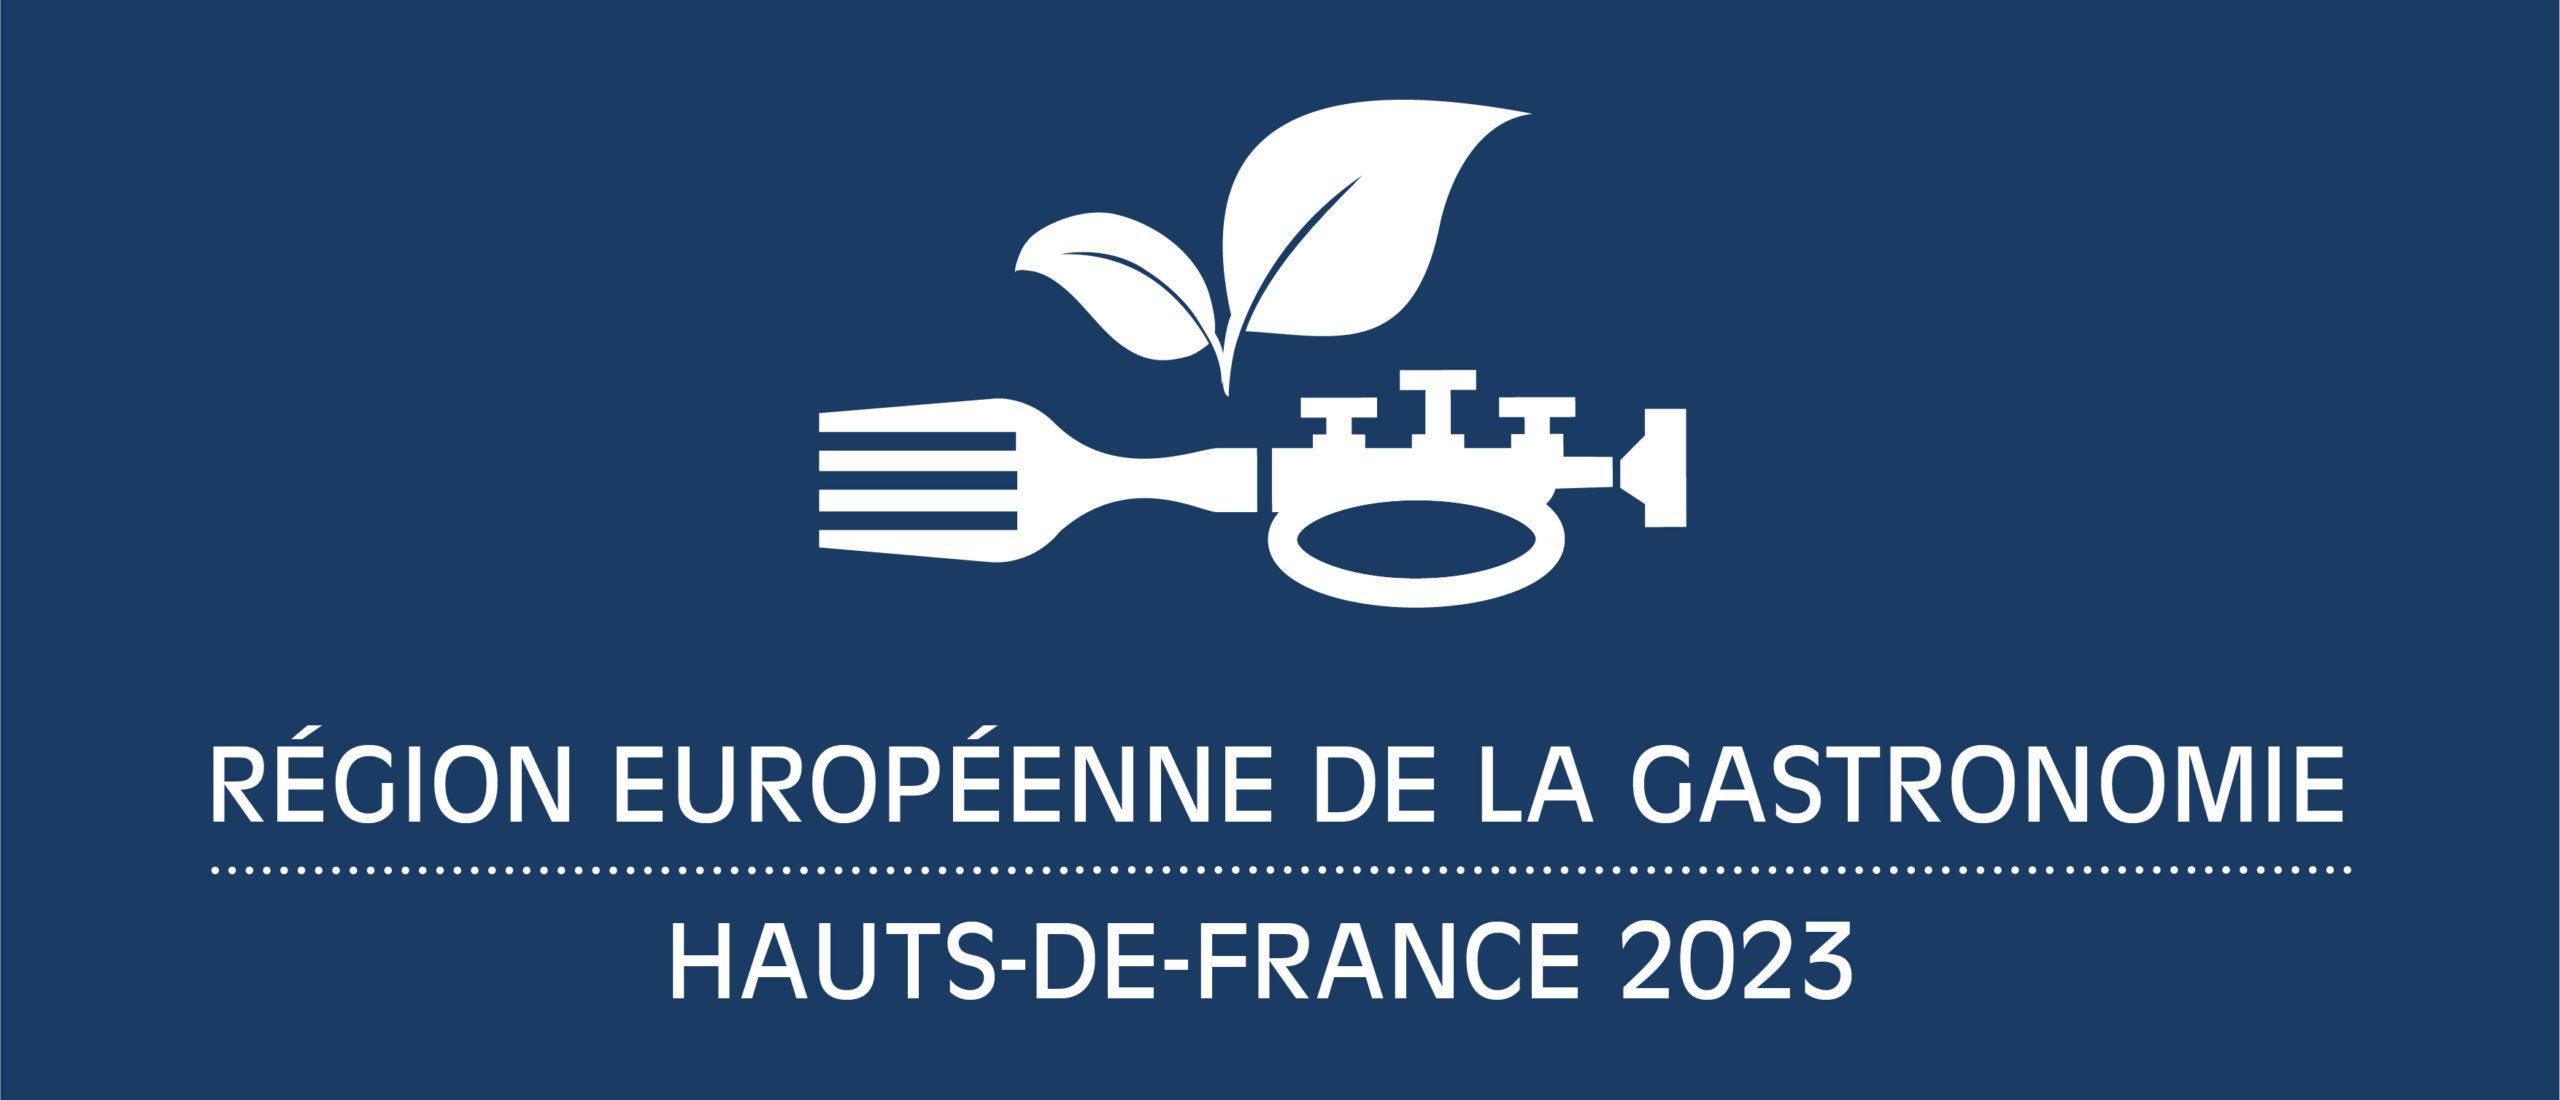 Région Européenne de la gastronomie